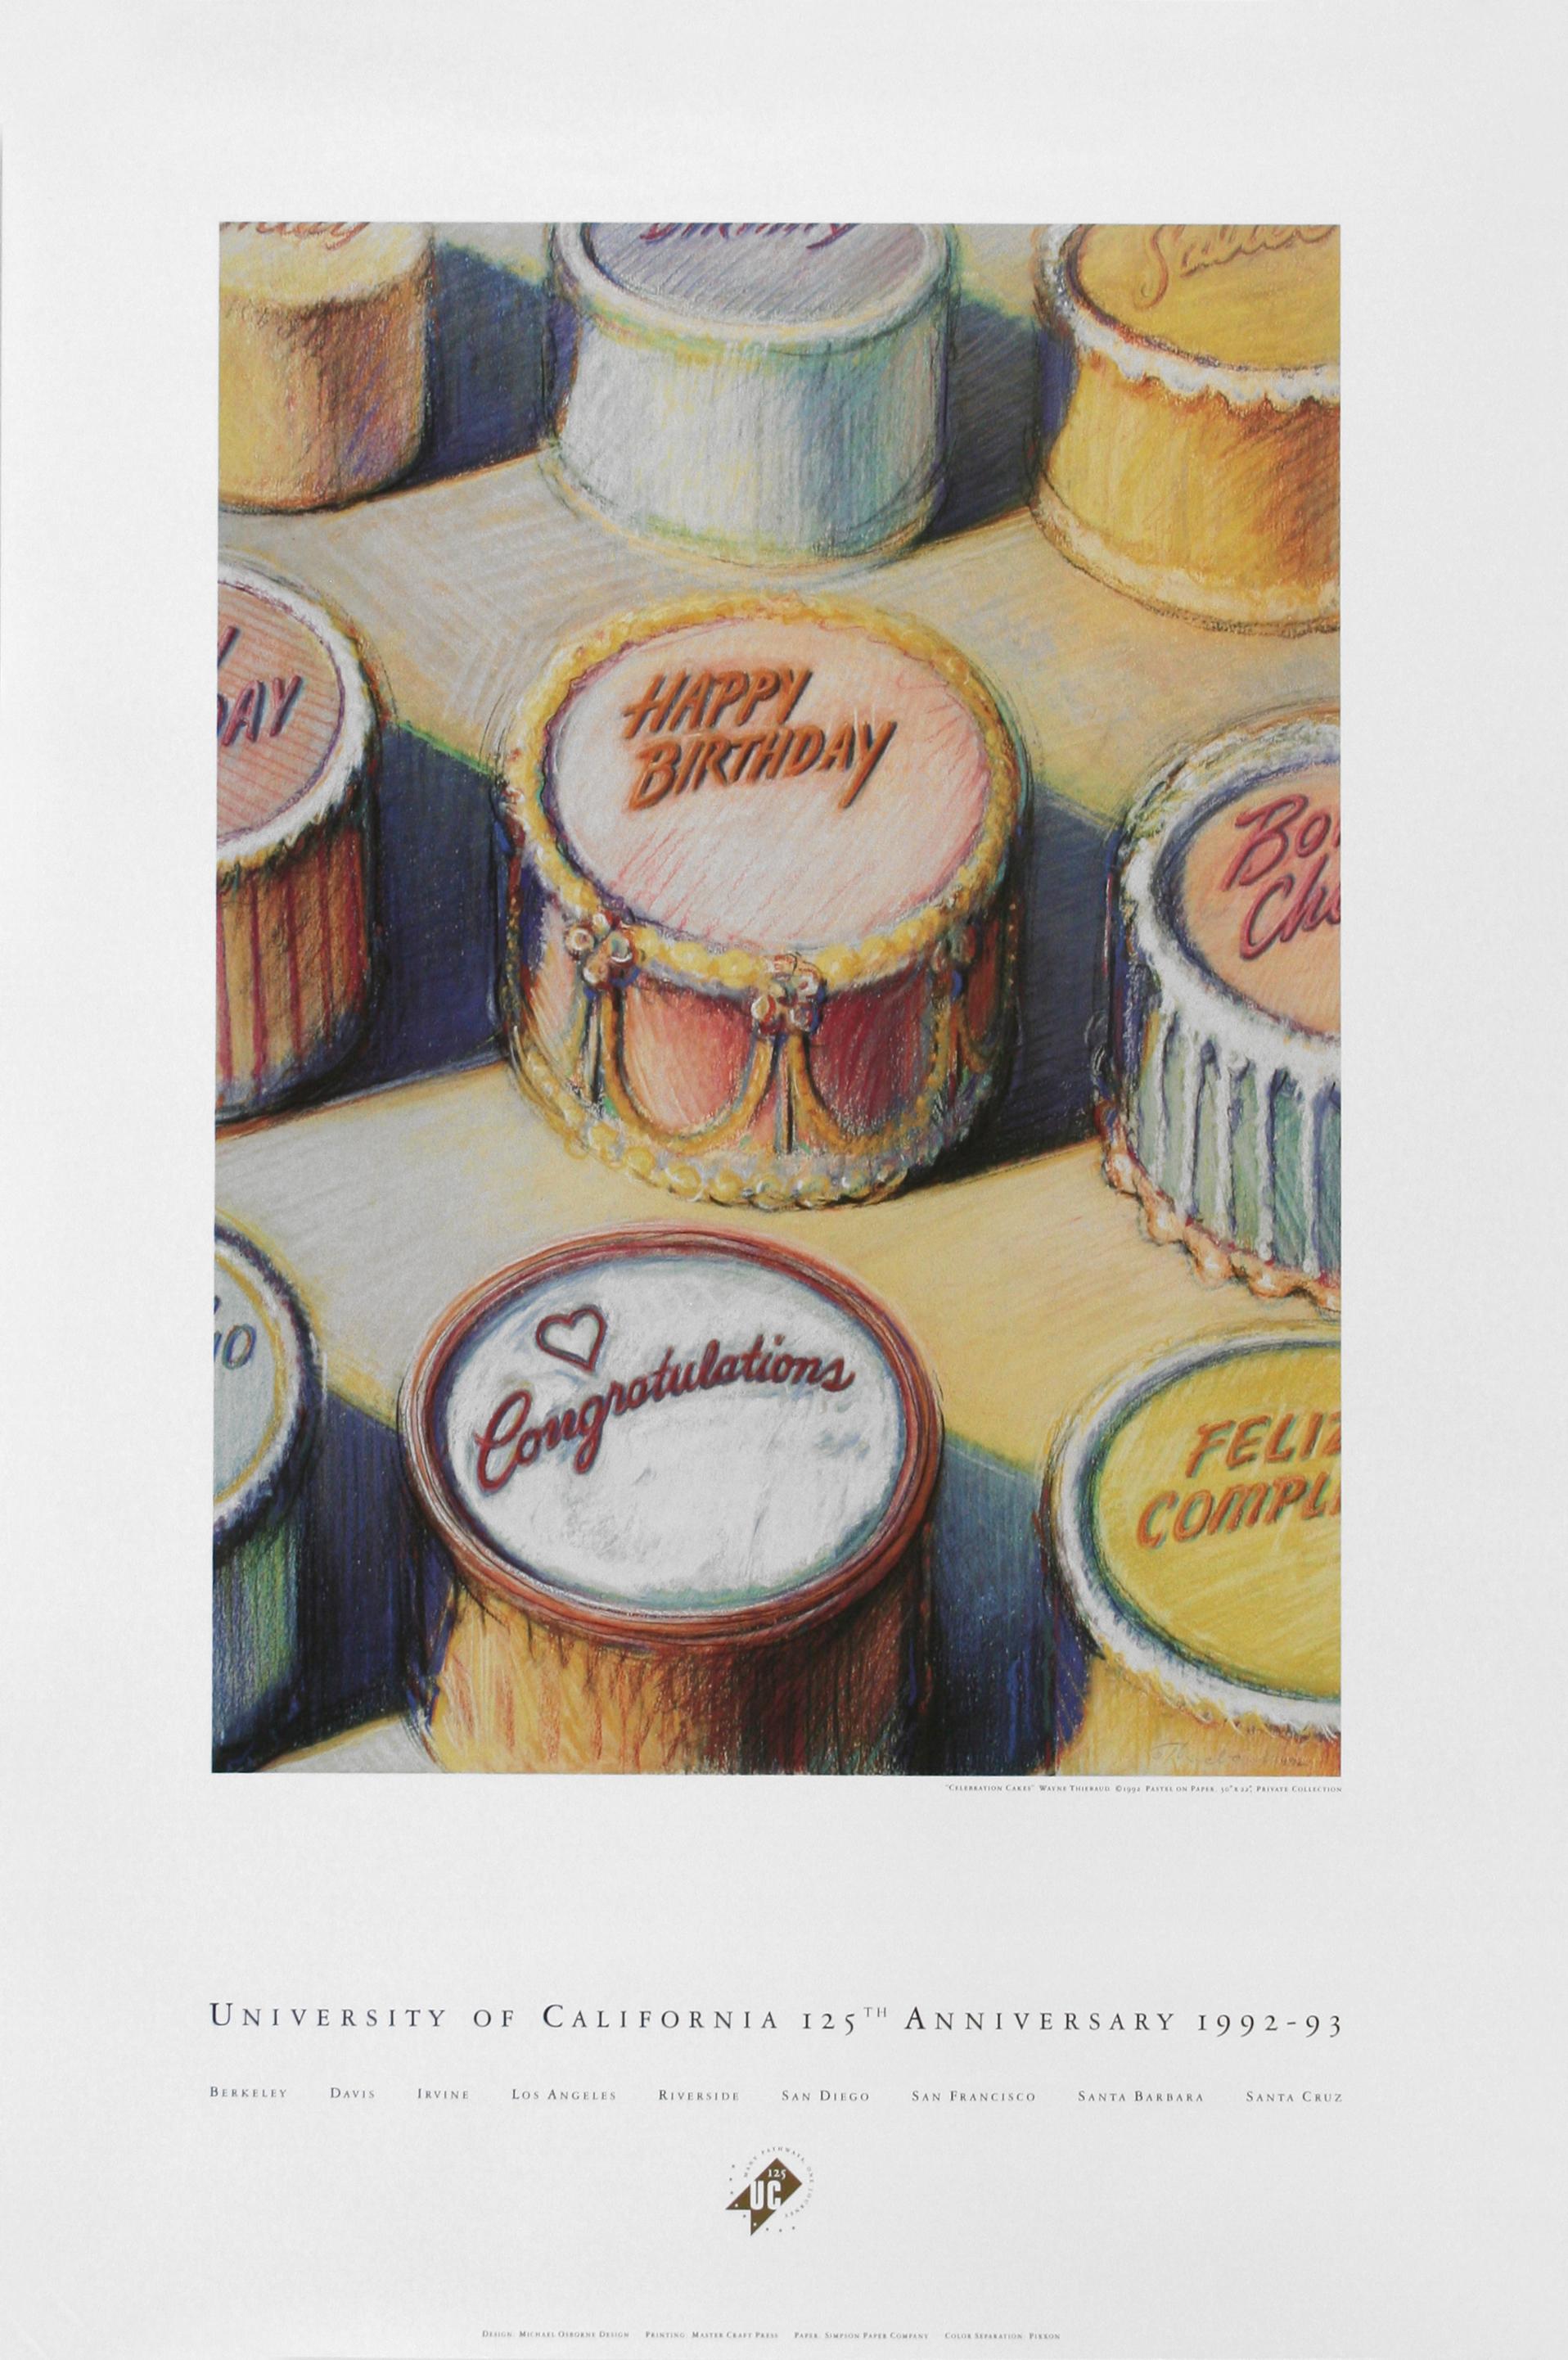 Wayne Thiebaud Celebration Cakes